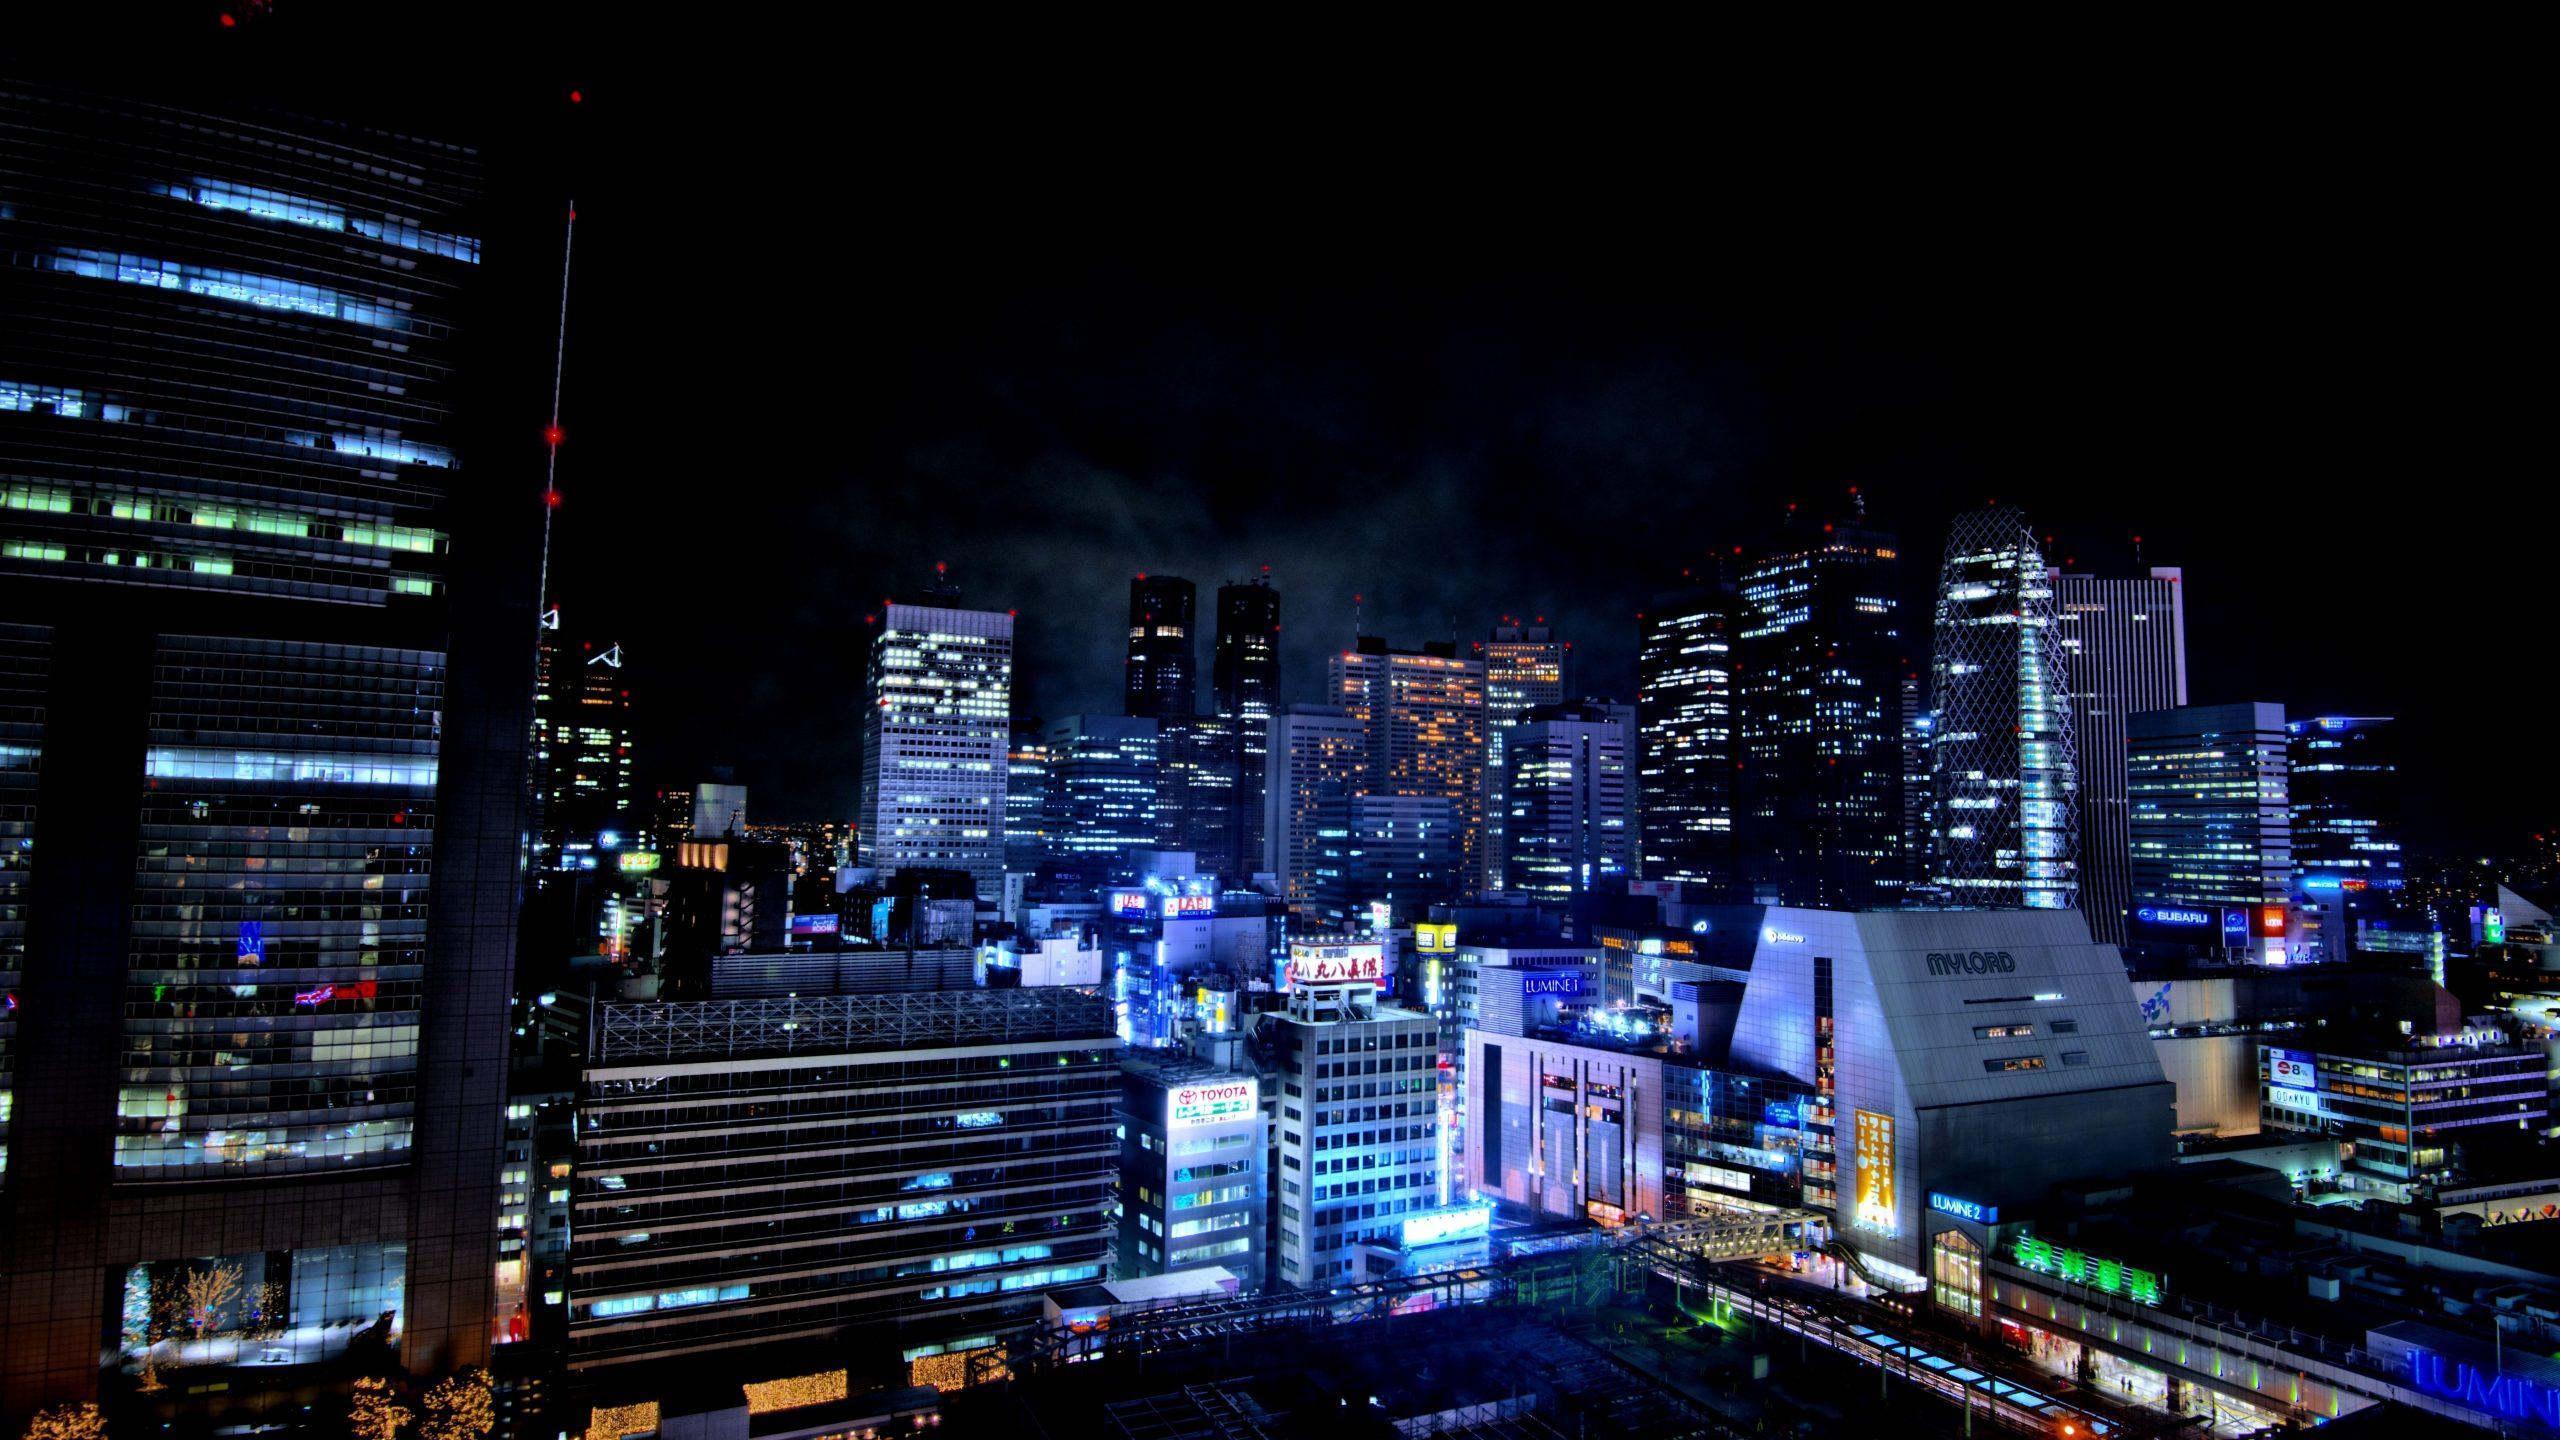 MOTORIMPORT TOKYO JAPON IMPORT VEHICULE DU JAPON - Les enchère voiture japon avec motorimport TOKYO